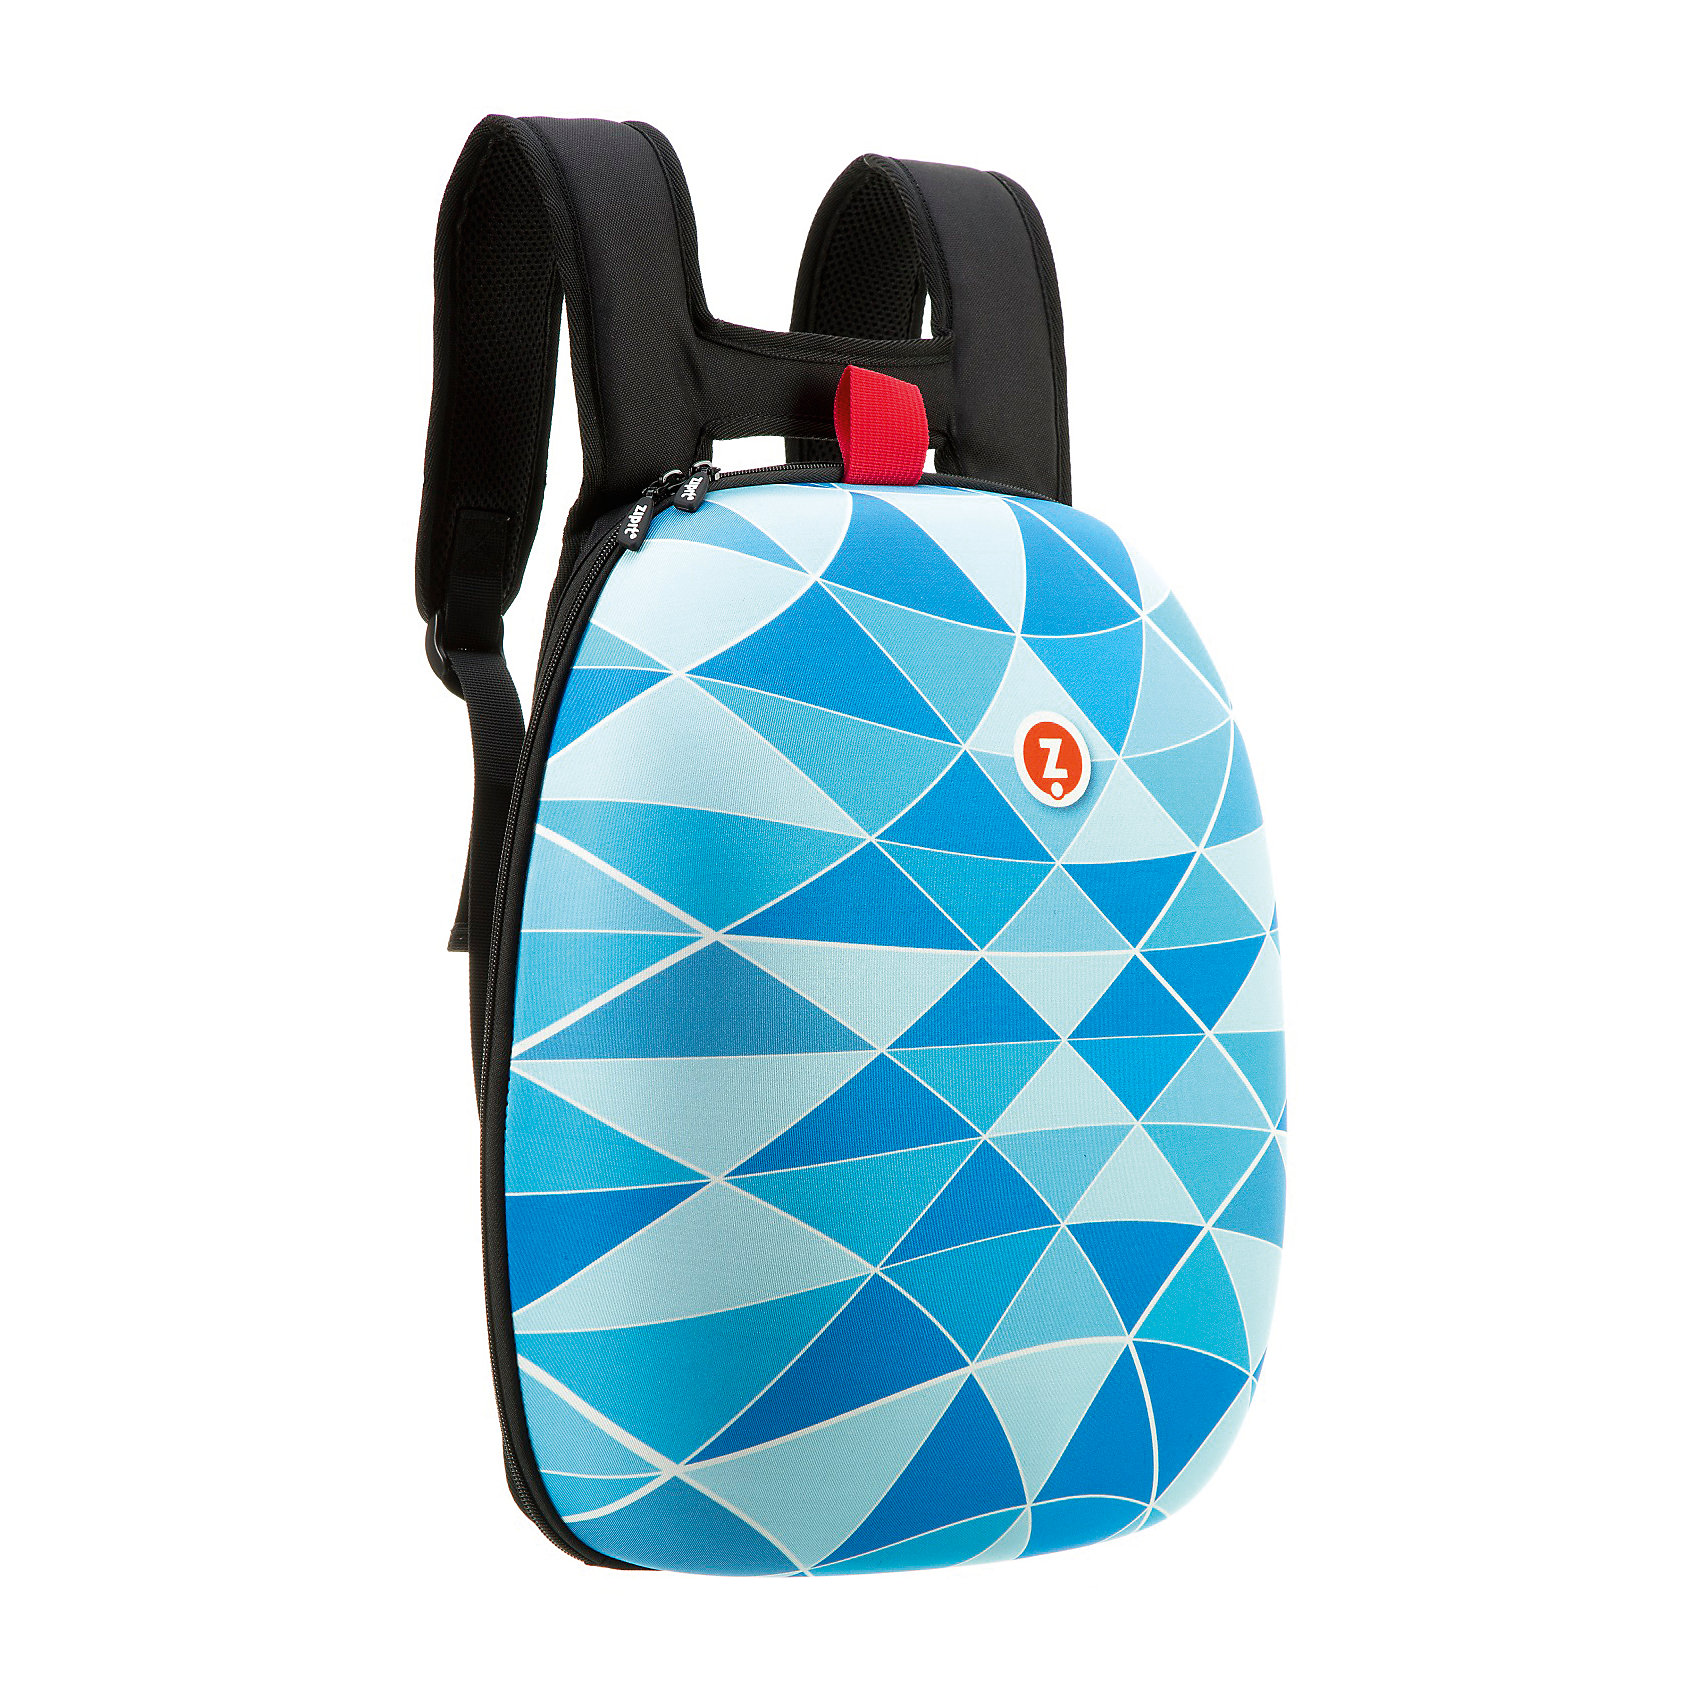 Рюкзак SHELL BACKPACKS, цвет голубой14 Notebook - ORGANIZER внутри - с 7 разными отделениями;  усиленная и дышащая спинка. Рюкзак очень легкий,  прочный -  Модный - Стильный - Сохранит в безопасности все Ваши Гаджеты<br><br>Ширина мм: 32<br>Глубина мм: 16<br>Высота мм: 41<br>Вес г: 400<br>Возраст от месяцев: 84<br>Возраст до месяцев: 180<br>Пол: Унисекс<br>Возраст: Детский<br>SKU: 5344346